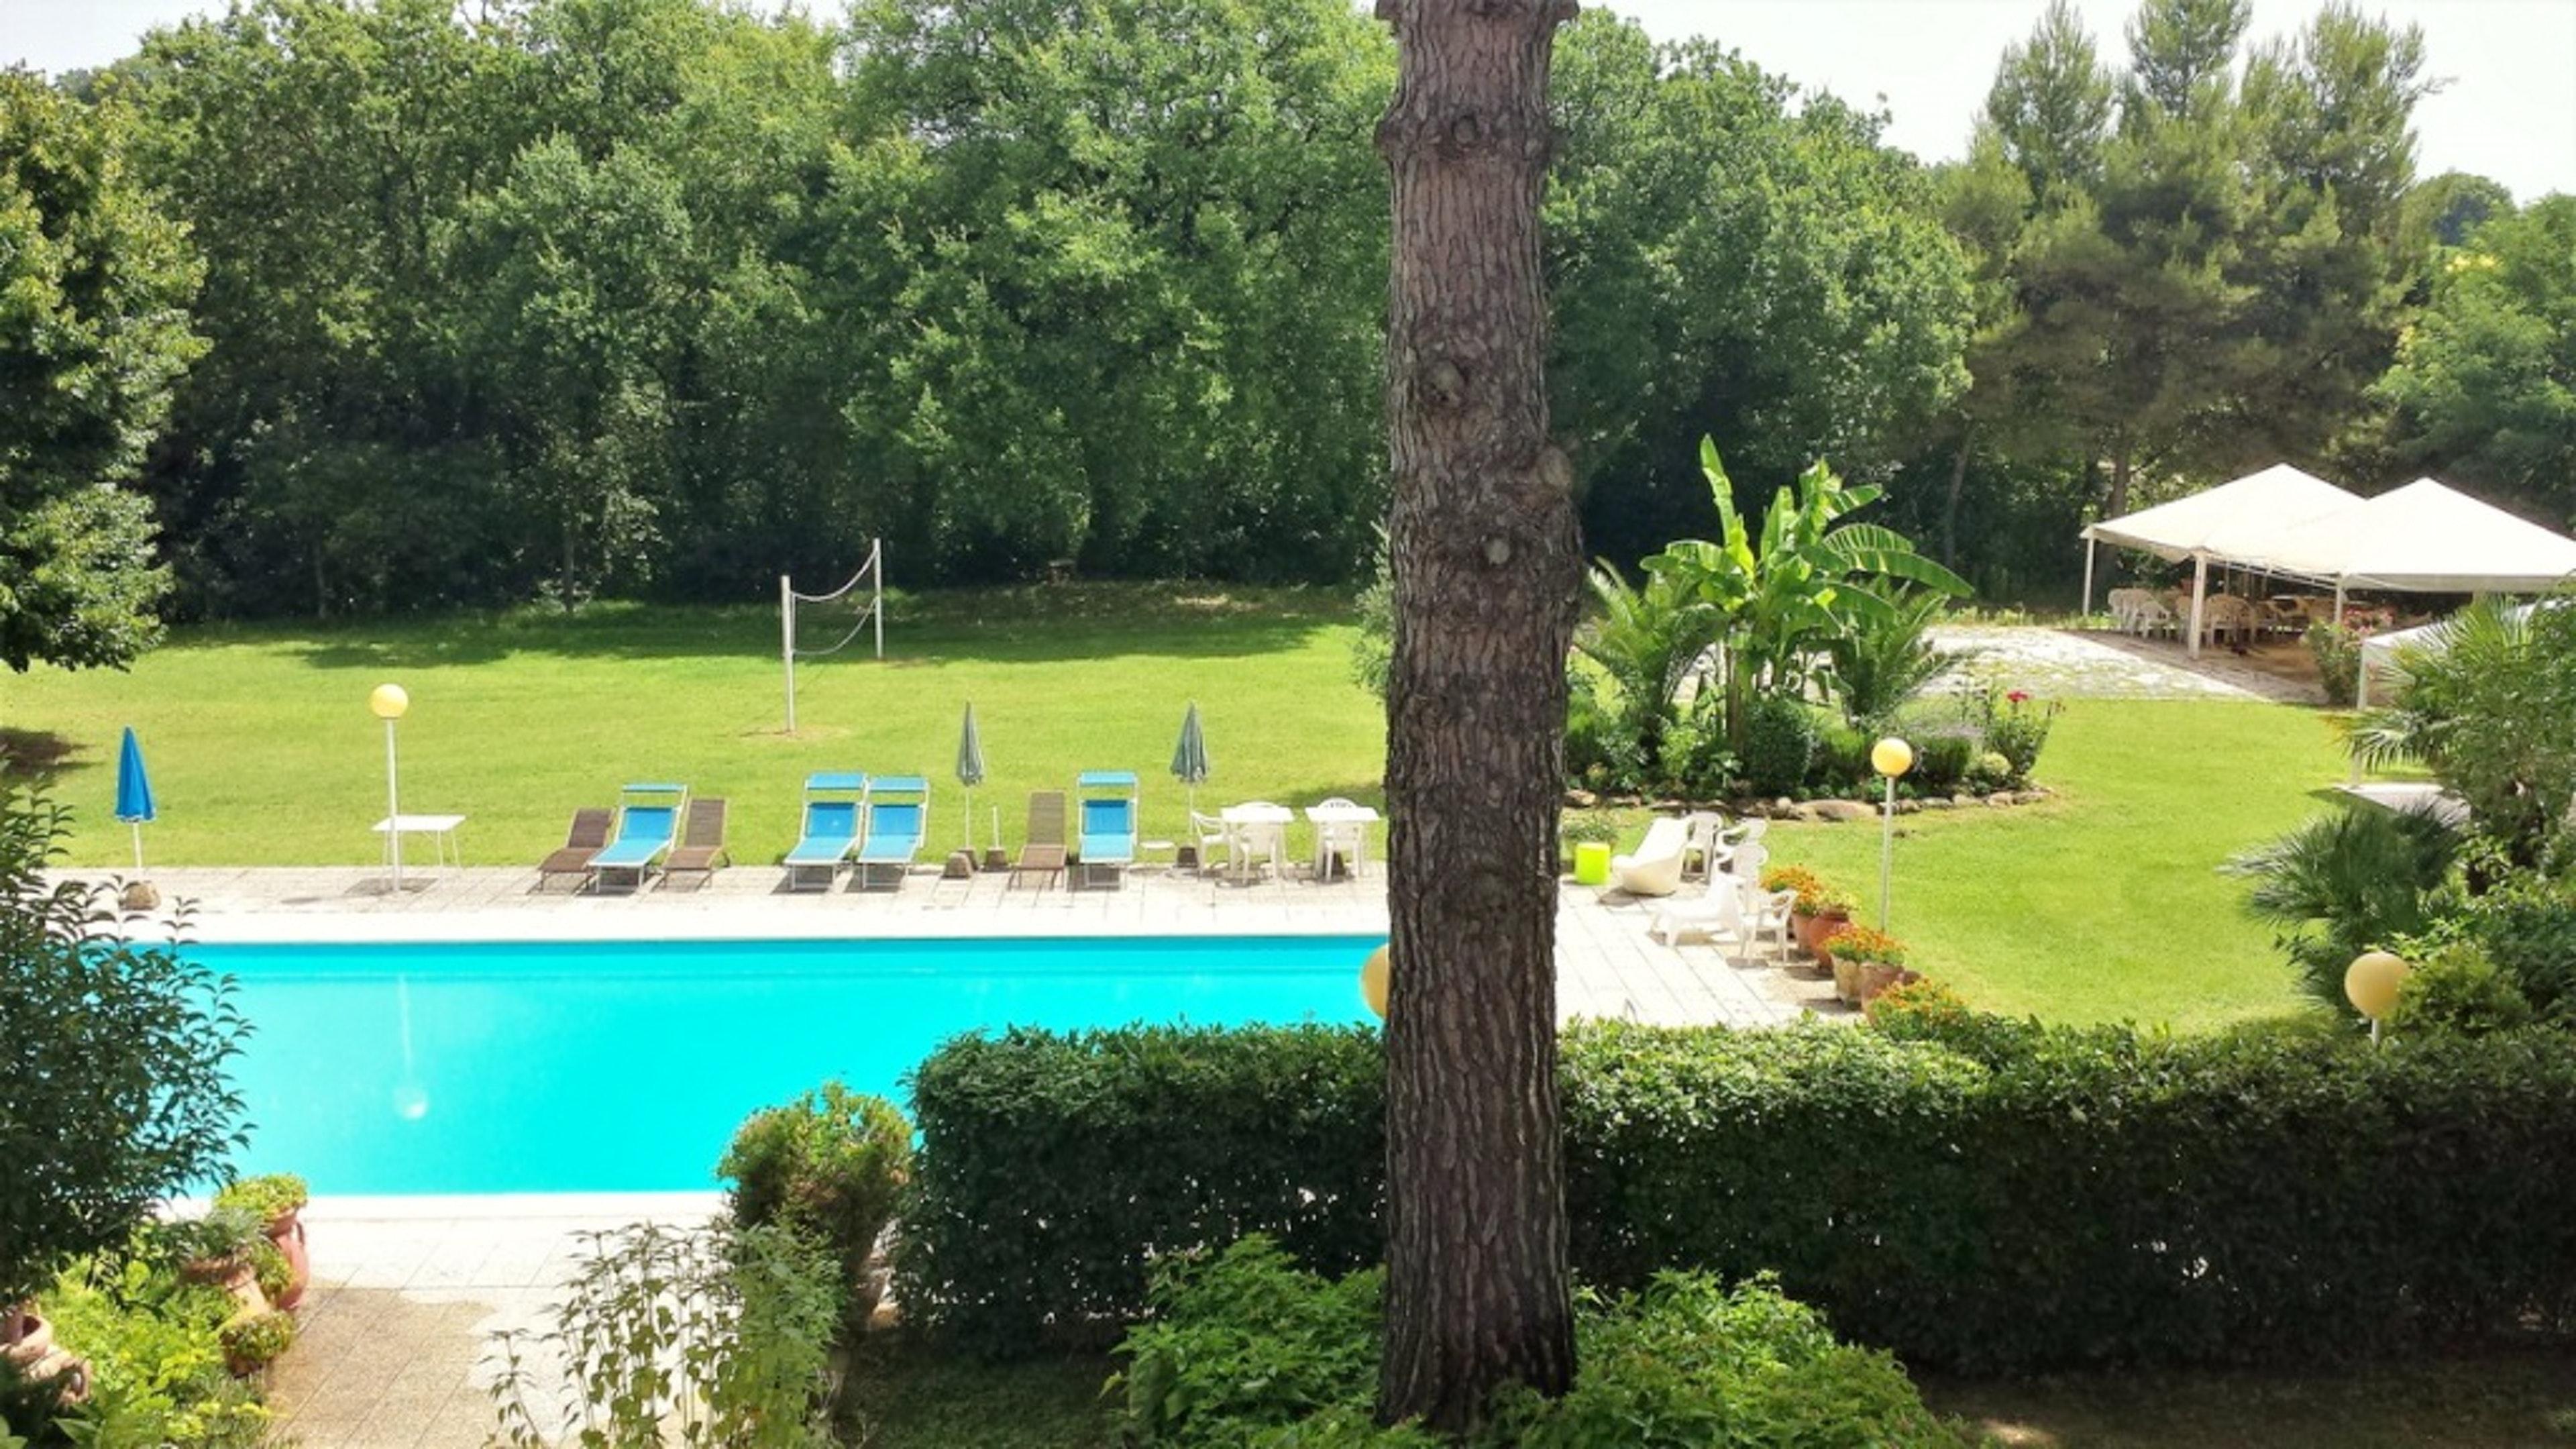 Ferienhaus Villa mit 5 Schlafzimmern in Pesaro mit privatem Pool, eingezäuntem Garten und W-LAN - 3 k (2202299), Pesaro, Pesaro und Urbino, Marken, Italien, Bild 2